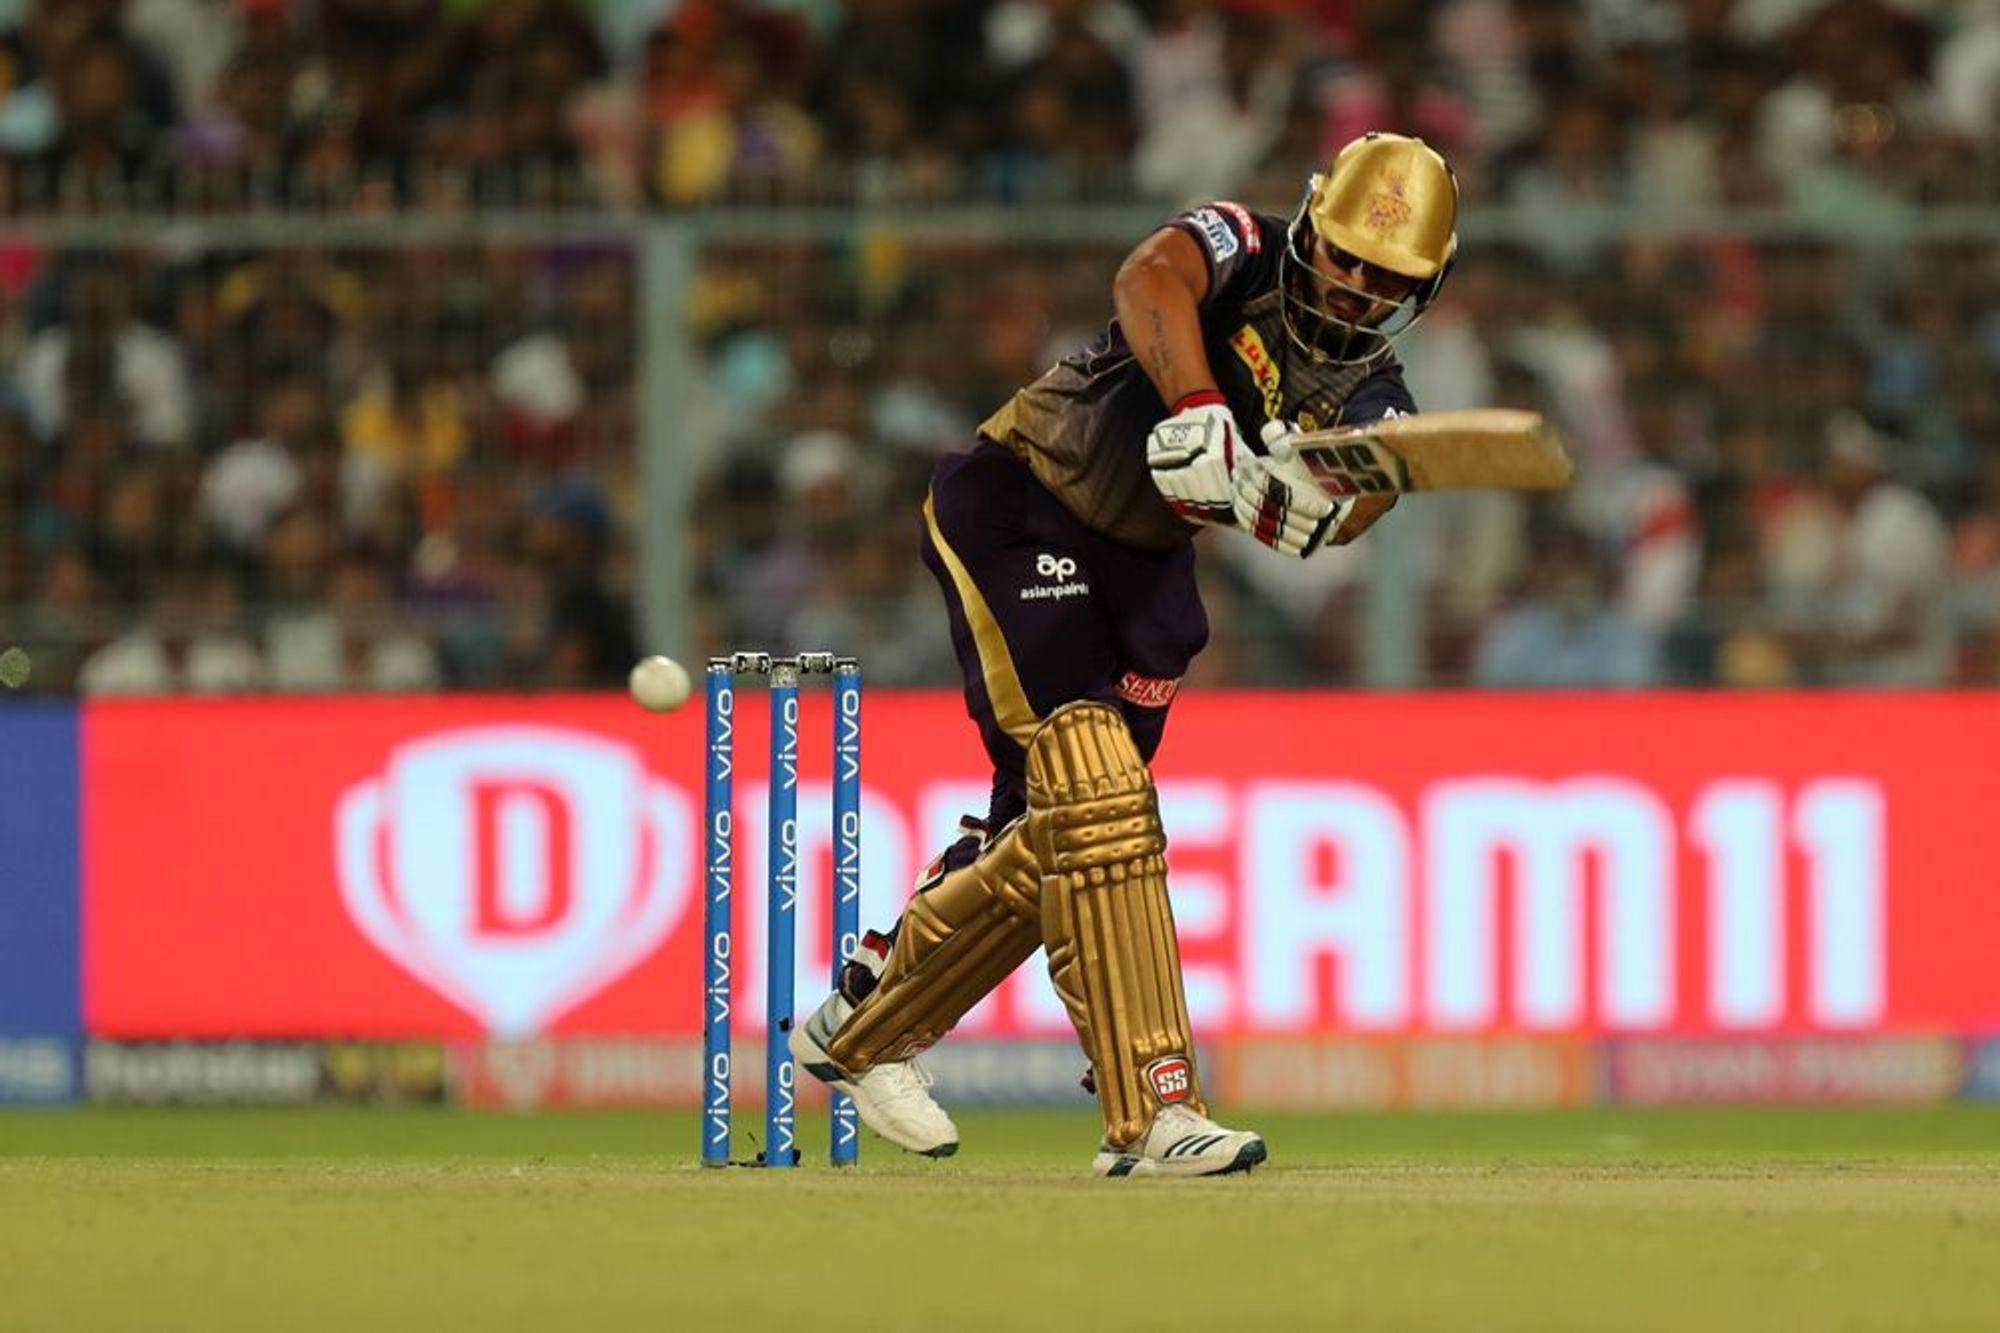 IPL 2019: नितीश राणा ने खोला राज, सनराइजर्स हैदराबाद के खिलाफ इस वजह से की थी पारी की शुरुआत